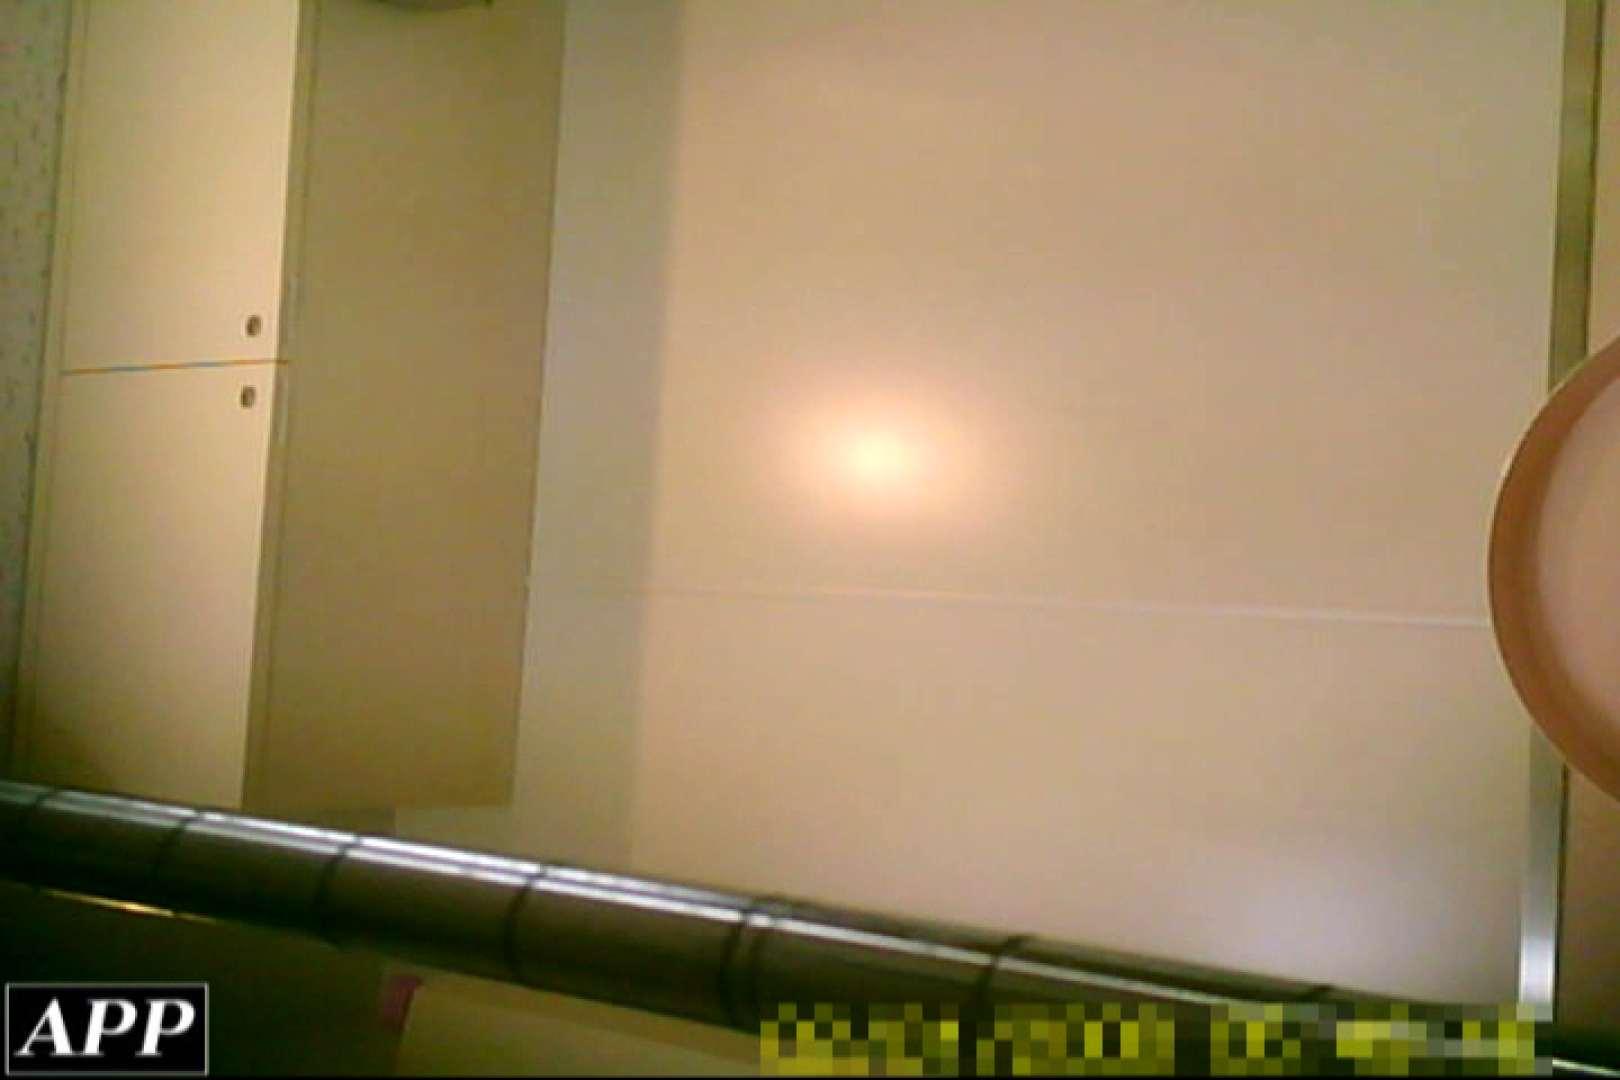 3視点洗面所 vol.90 丸出しマンコ AV無料動画キャプチャ 70連発 64